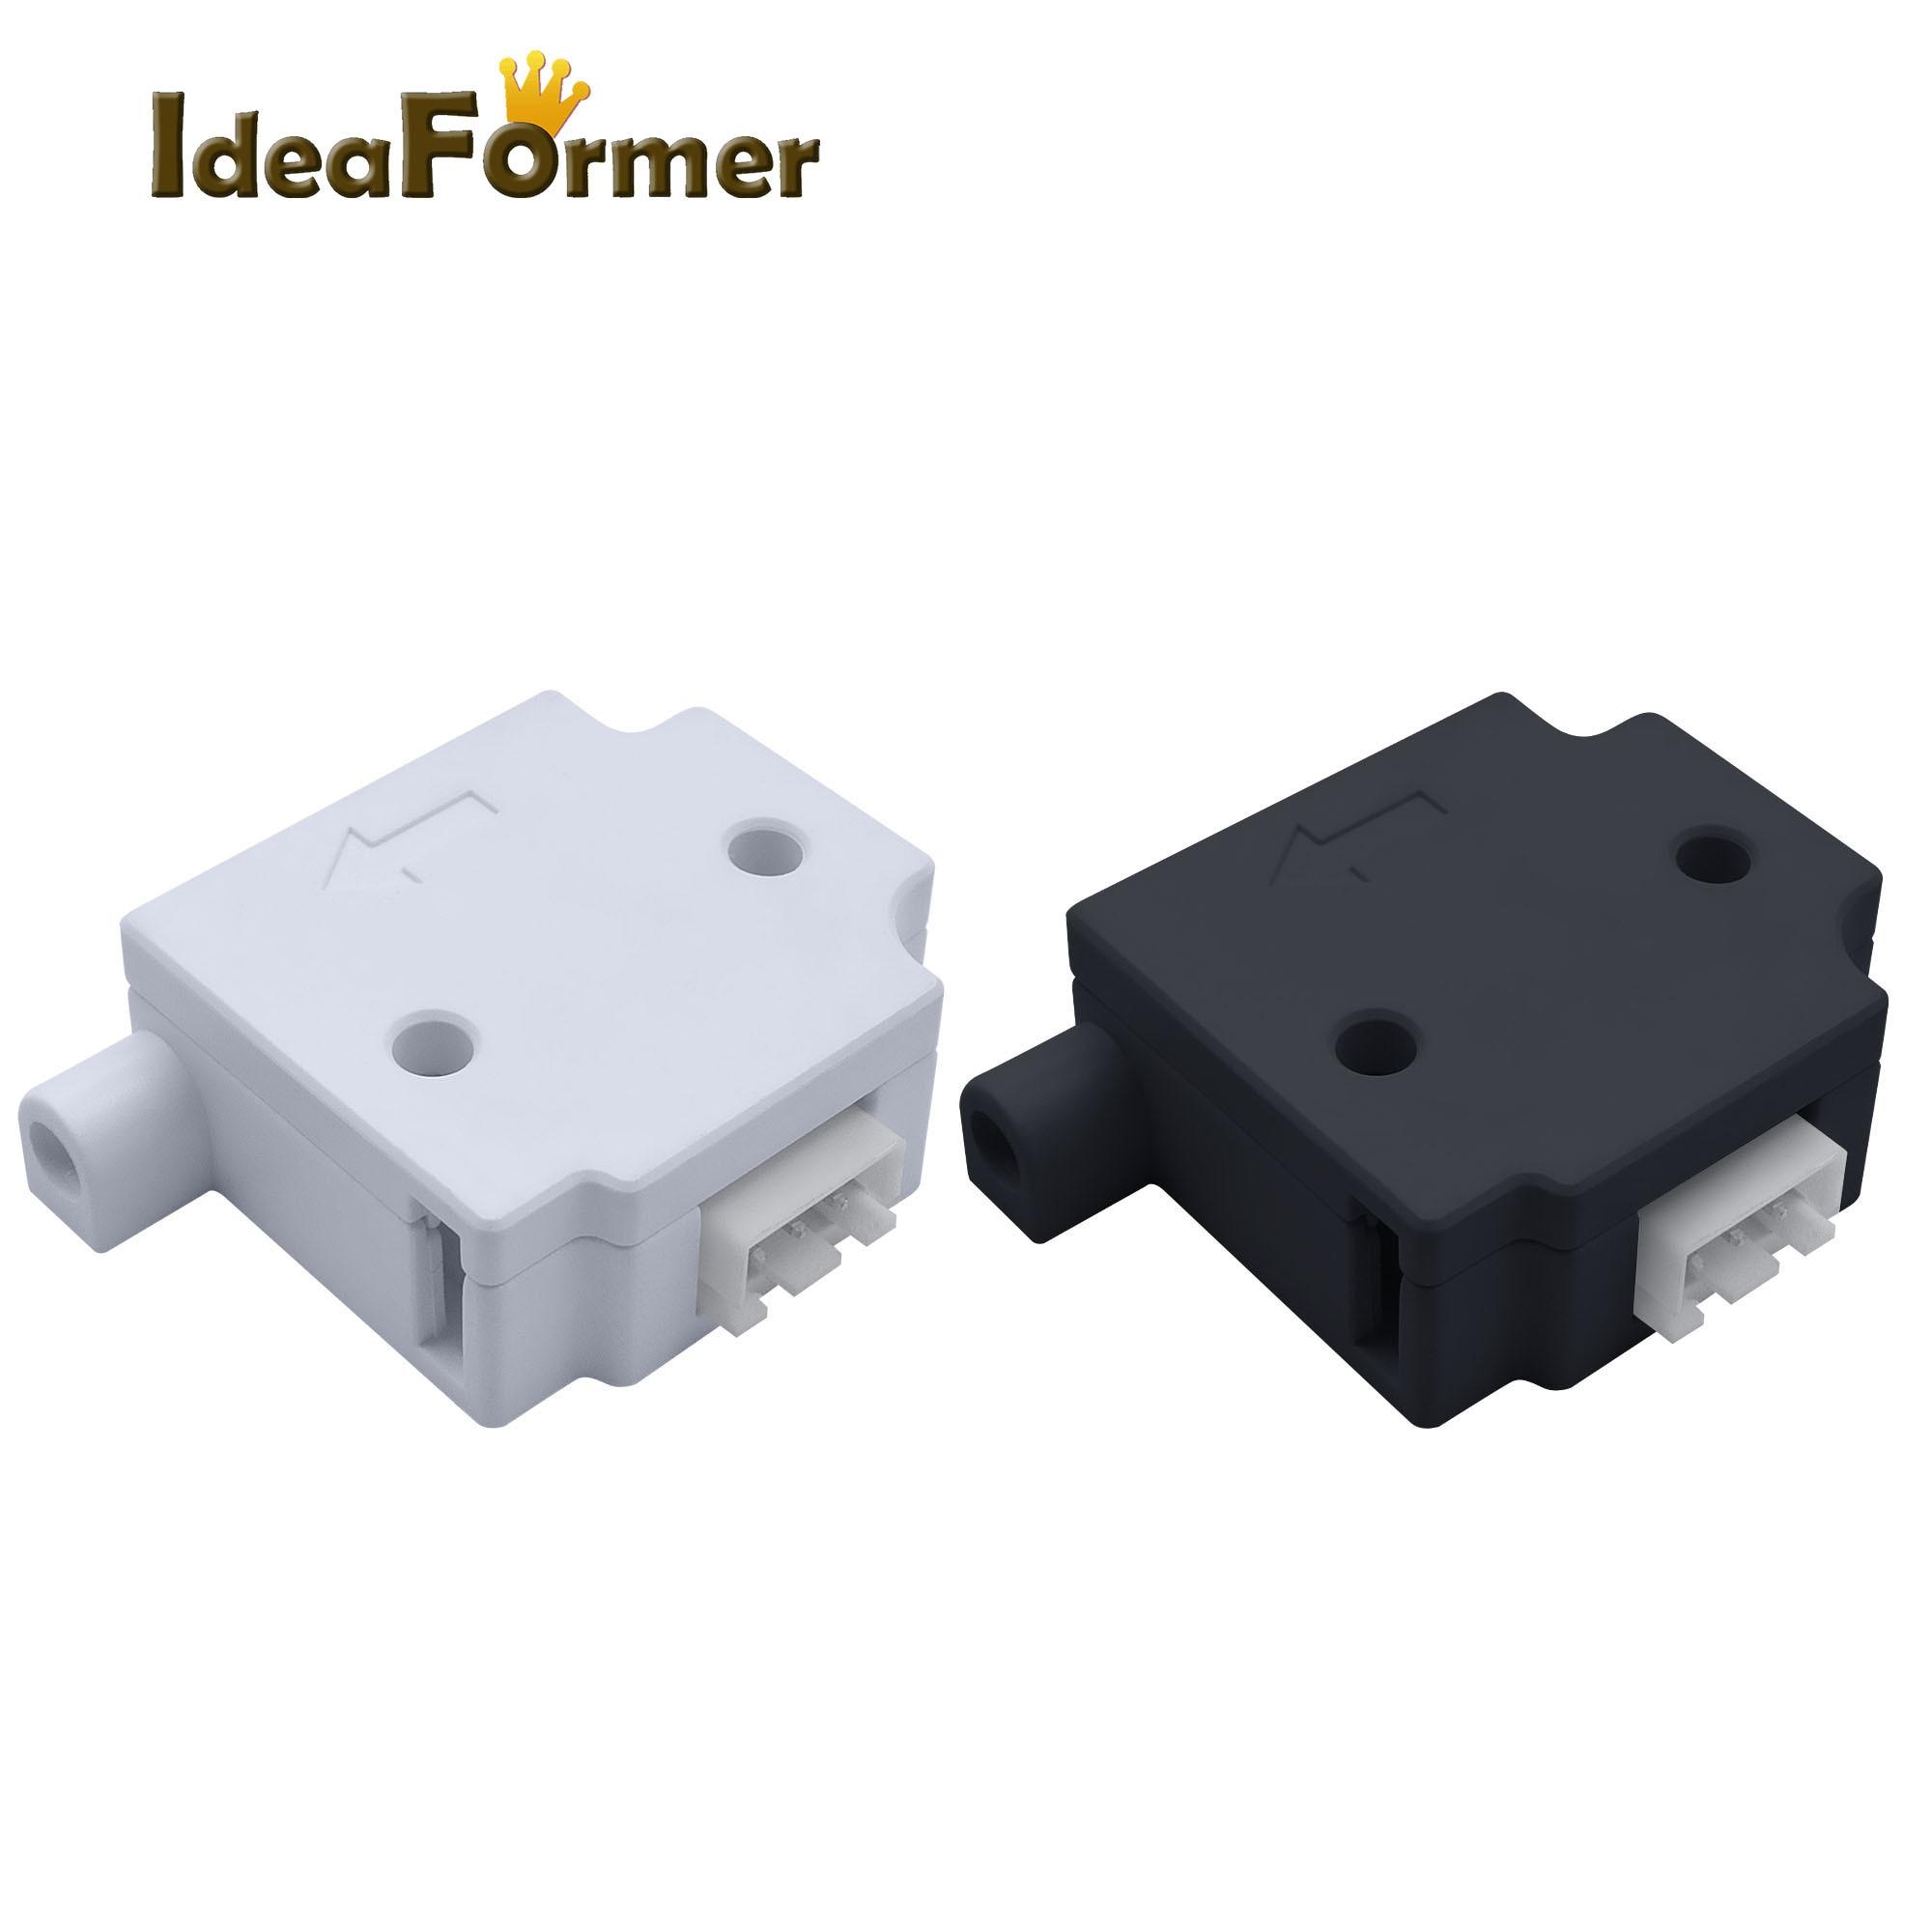 3D Printer Parts Material detection module for Lerdge Board 1.75mm filament detecting monitor sensor module